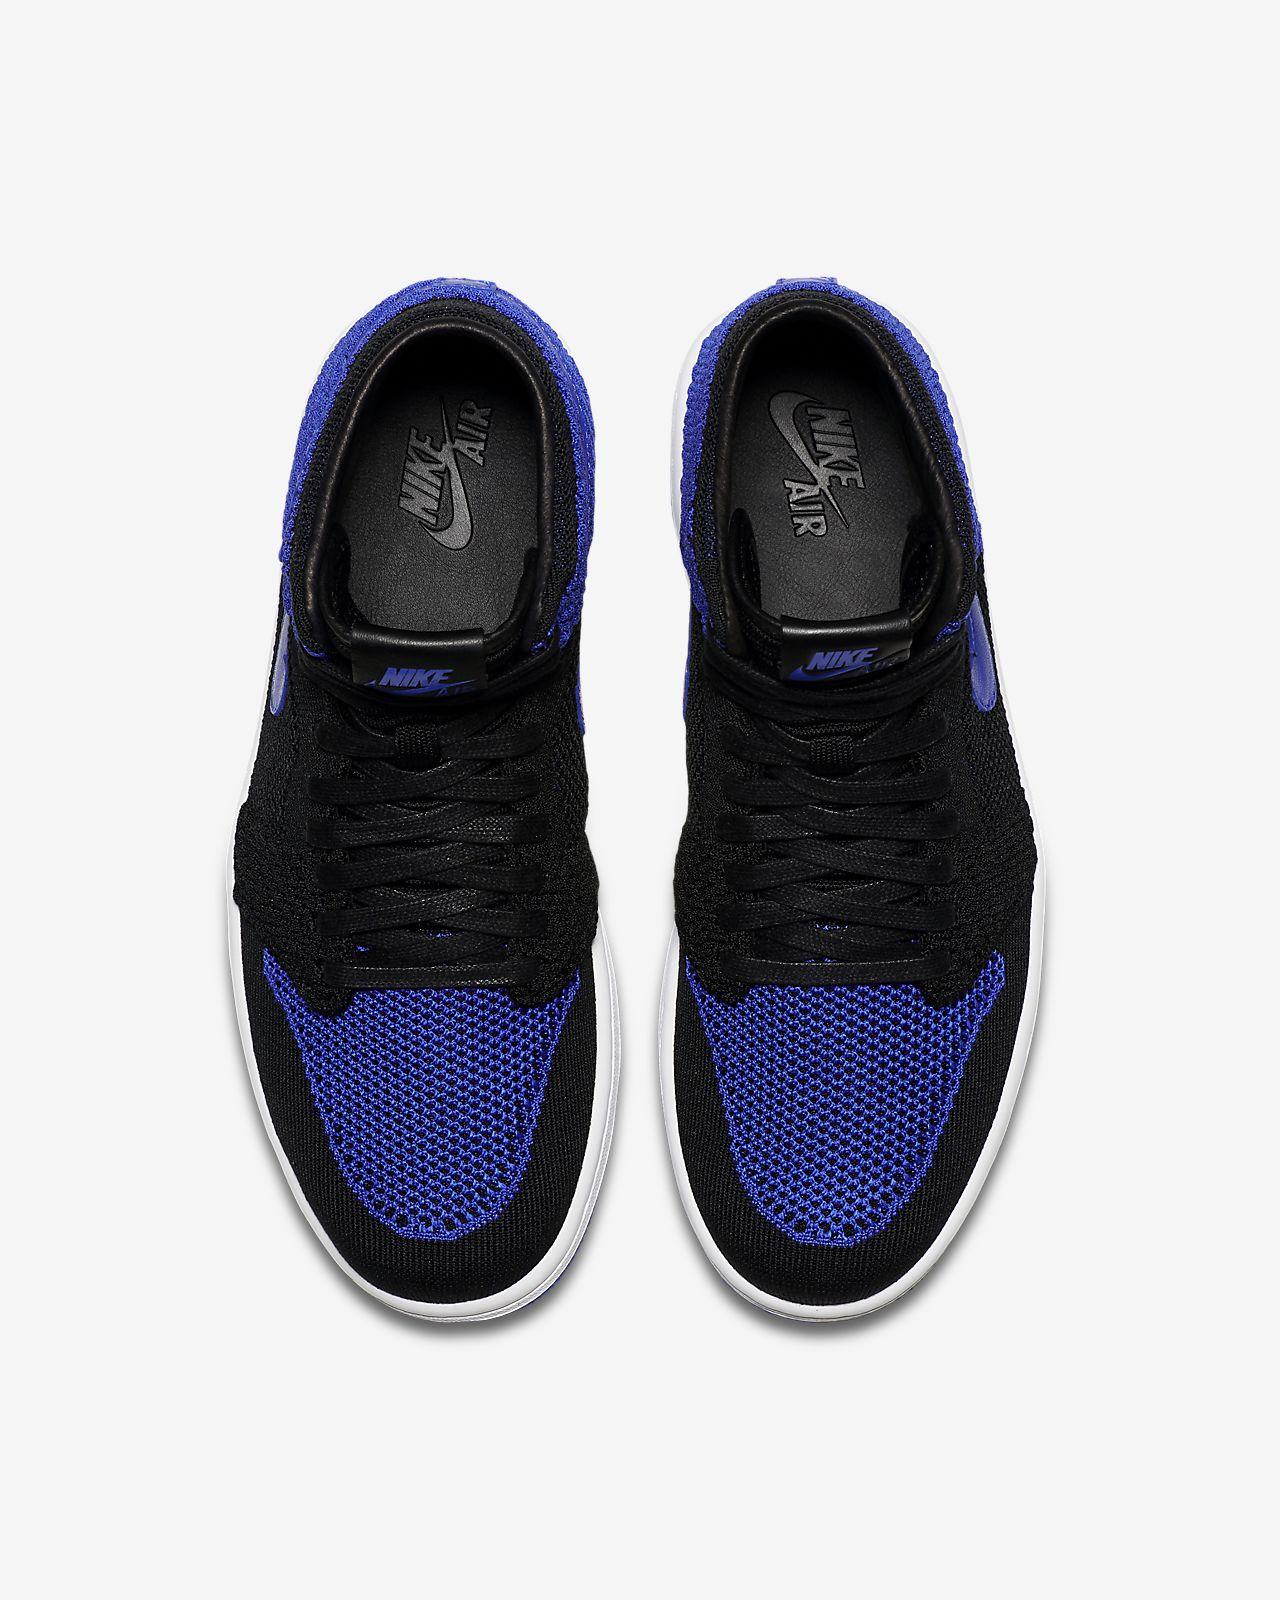 a412092f8e2d7 Calzado para hombre Air Jordan 1 Retro High Flyknit. Nike.com MX